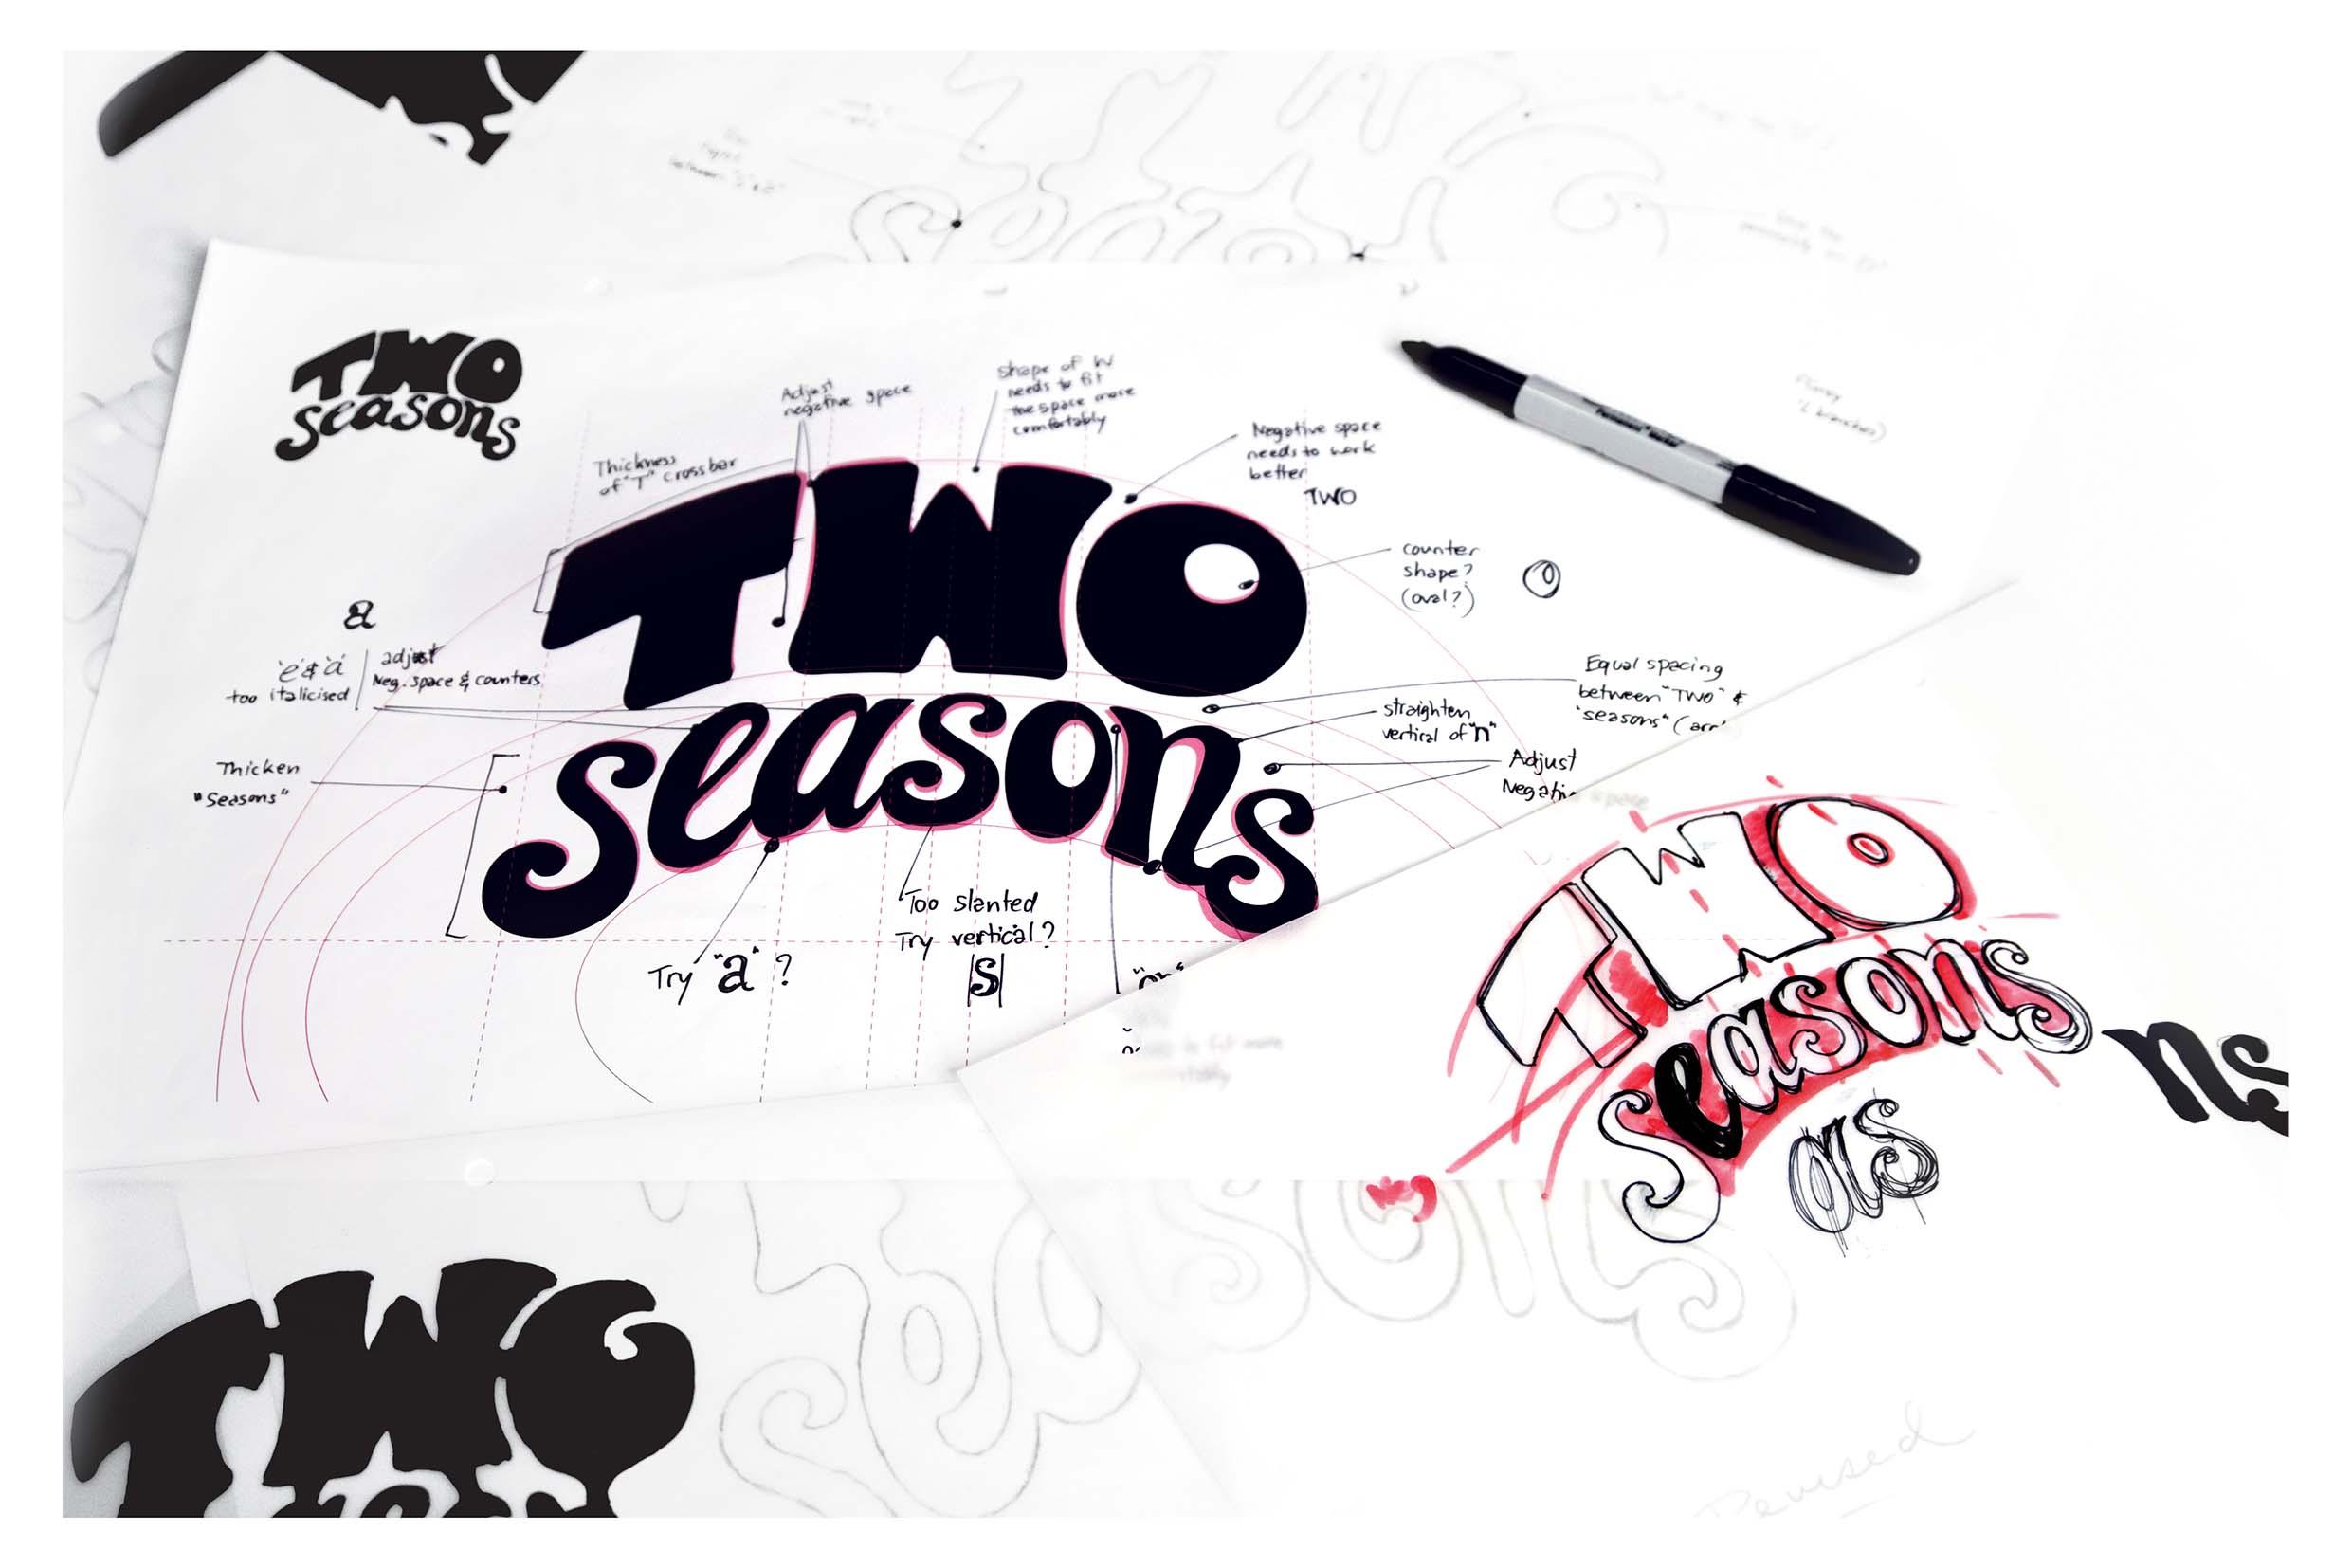 Douwe Egberts_Two Seasons_I_Sketches_150dpi_RGB.jpg